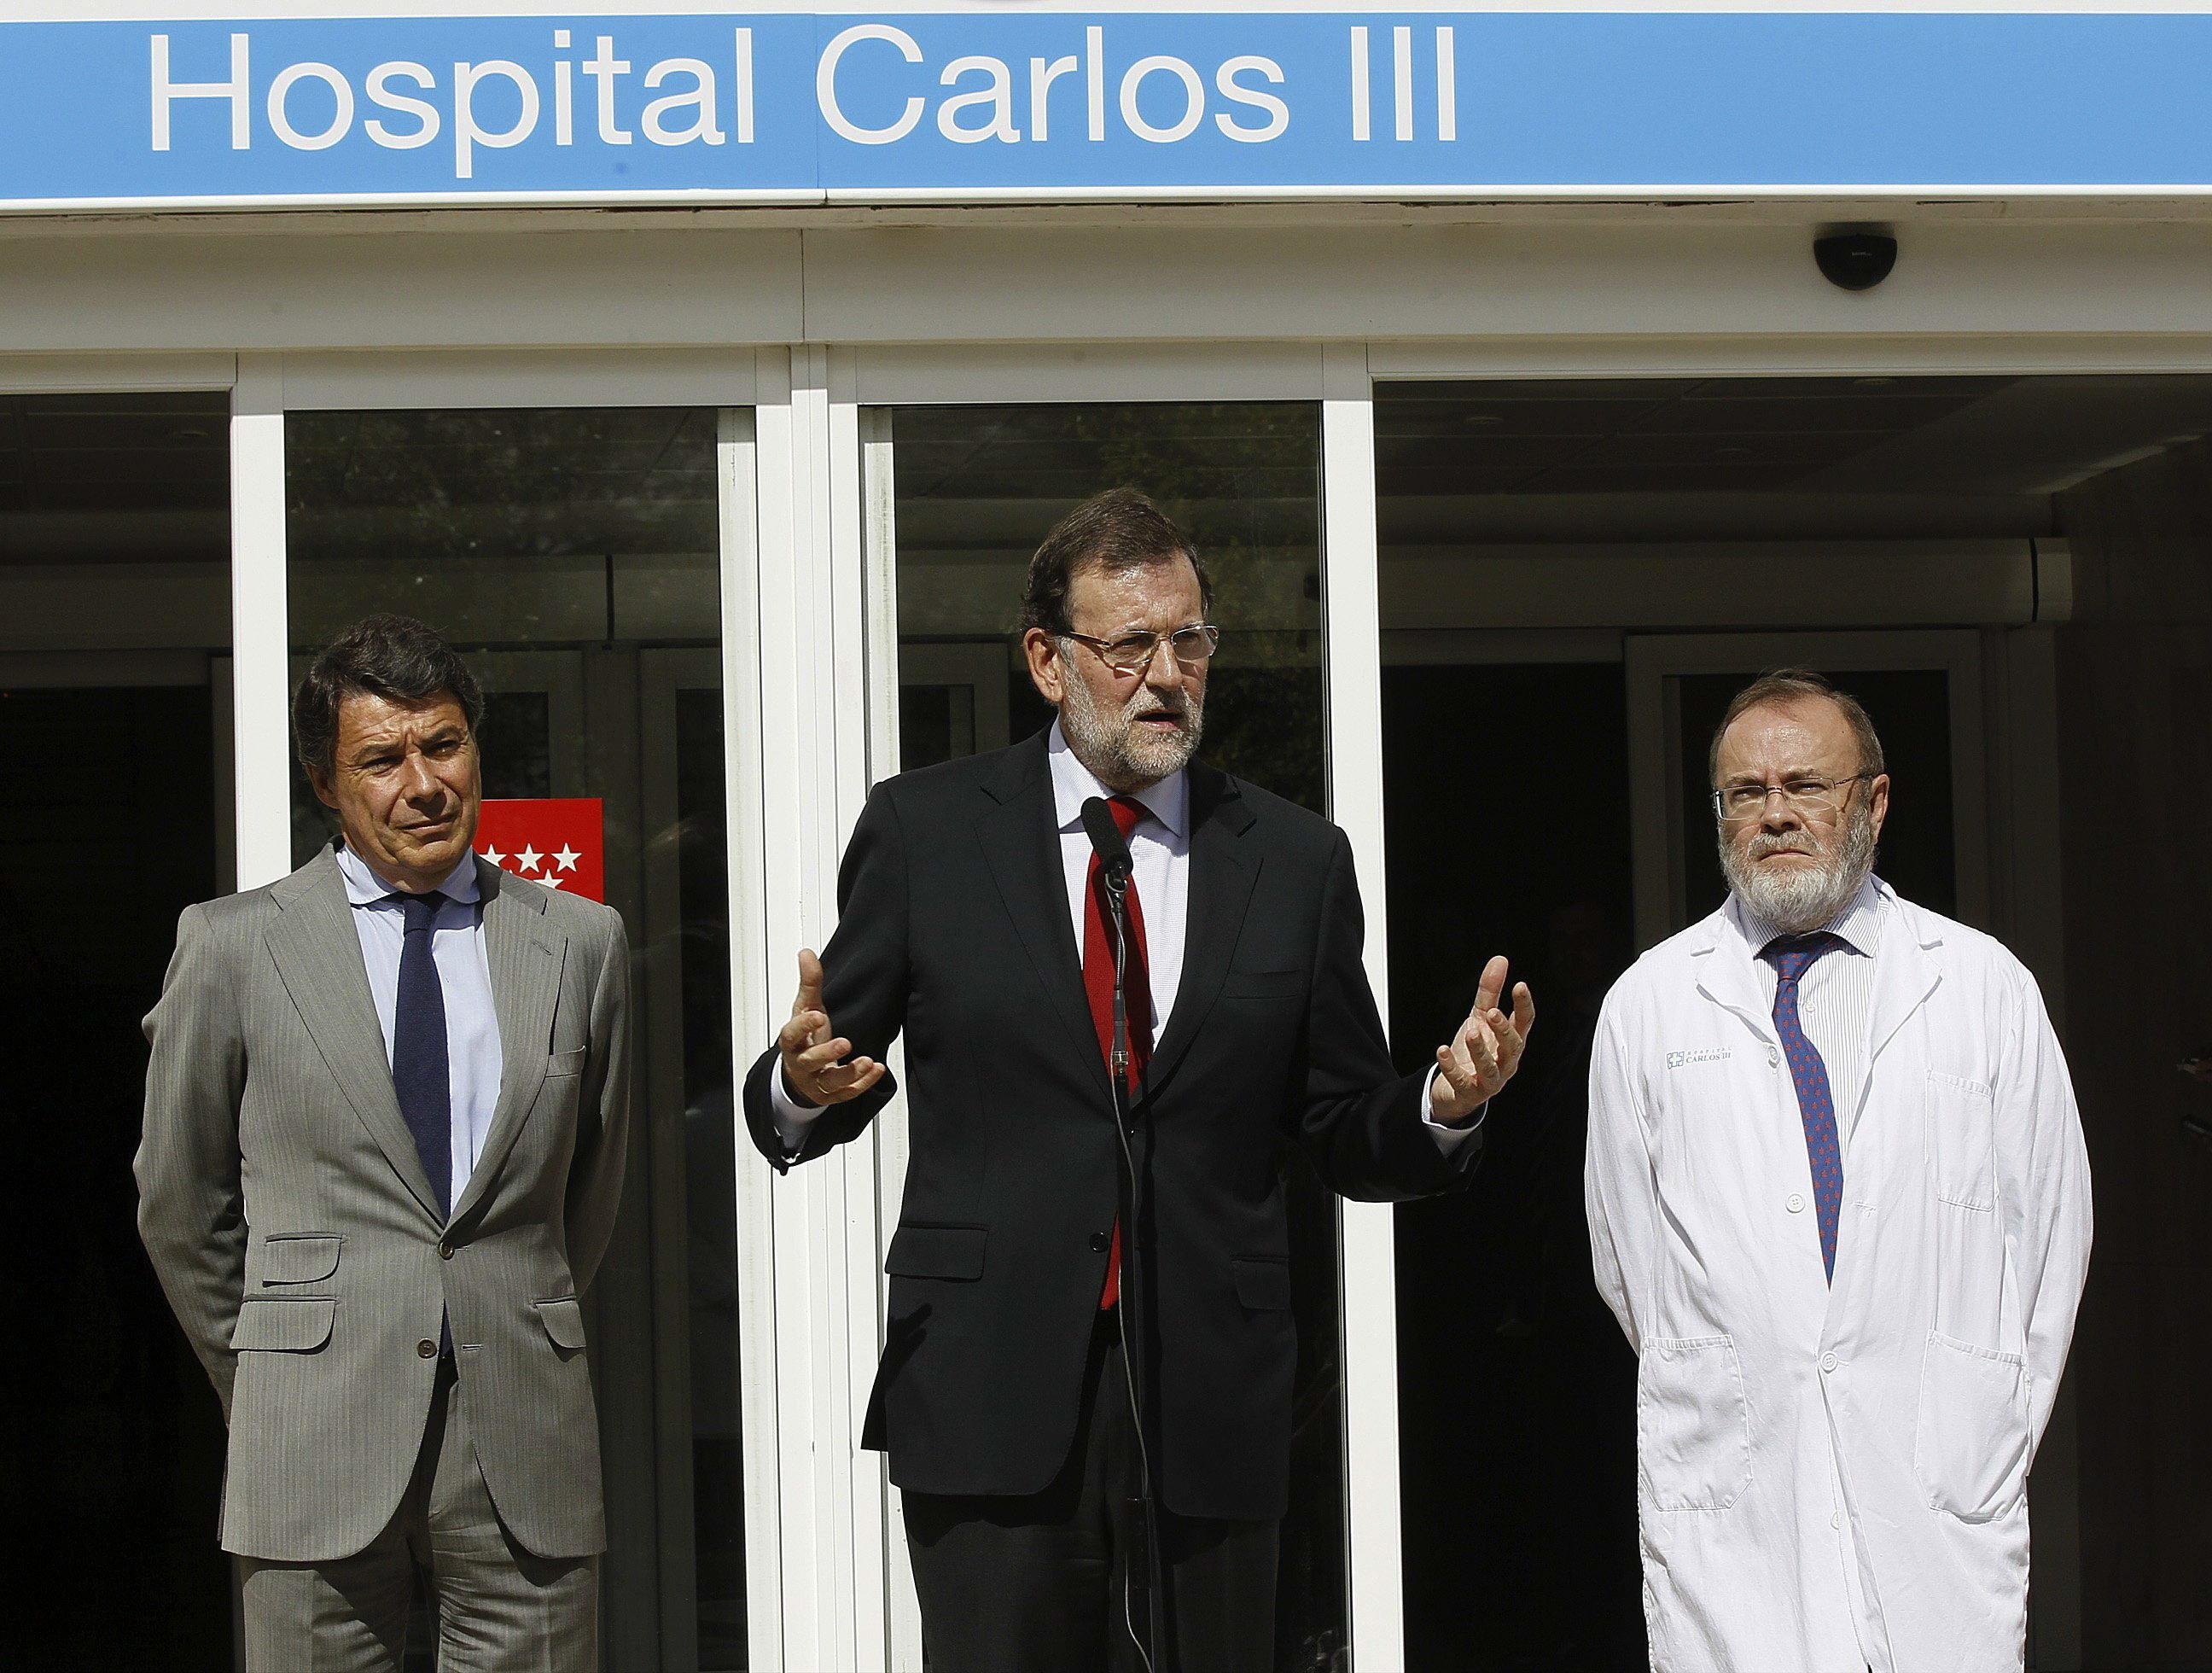 Rajoy en el Hospital Carlos III. EFE/Paco Campos